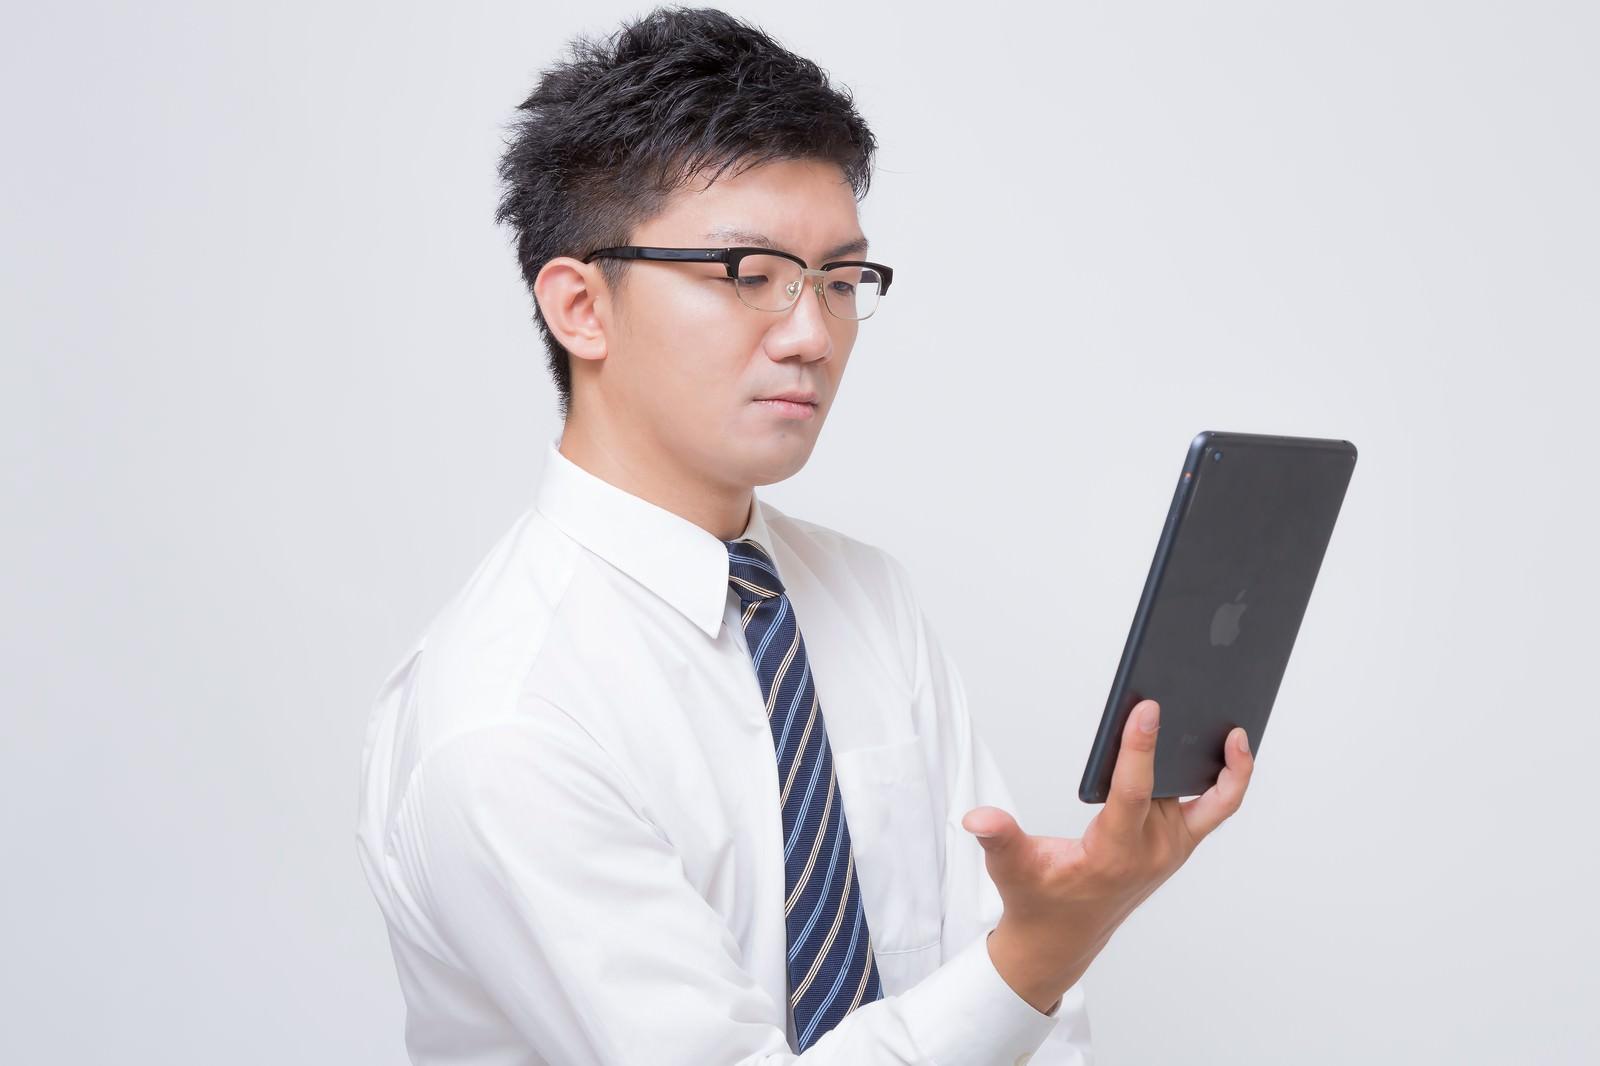 「iPad mini で電子書籍を読むビジネスマンiPad mini で電子書籍を読むビジネスマン」[モデル:OZPA]のフリー写真素材を拡大